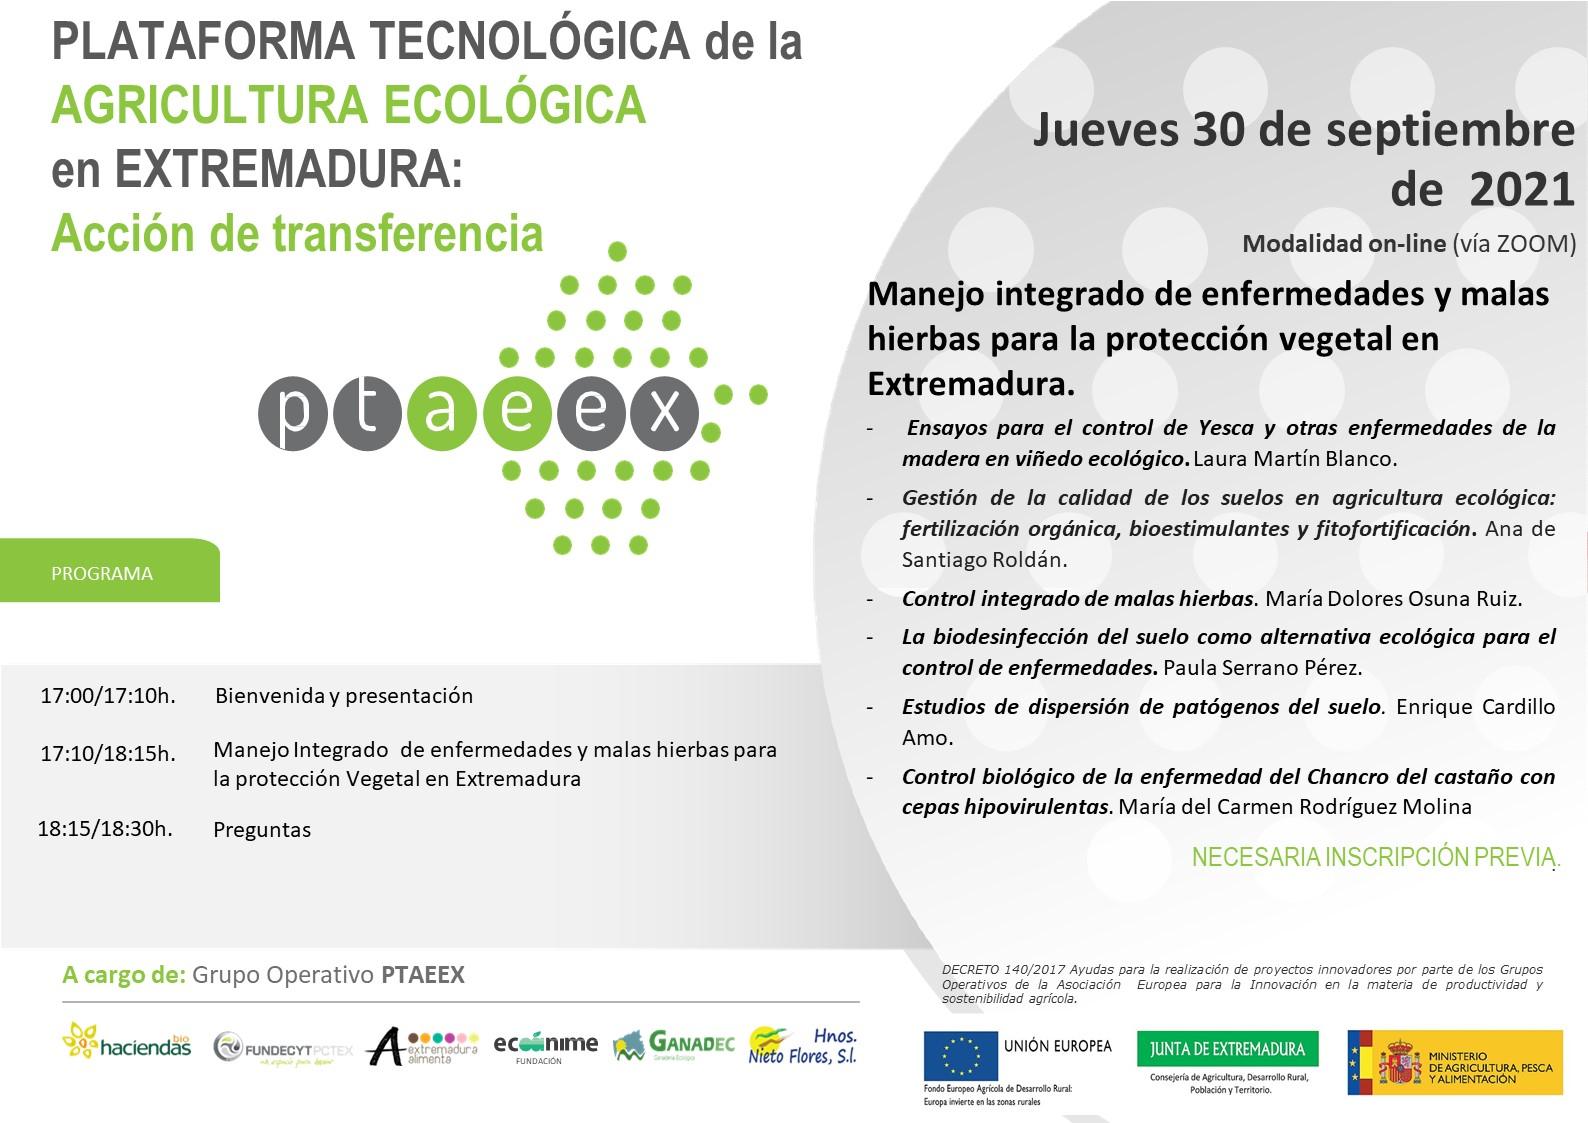 Acción de transferencia: Manejo integrado de enfermedades y malas hiervas para la protección vegetal en Extremadura